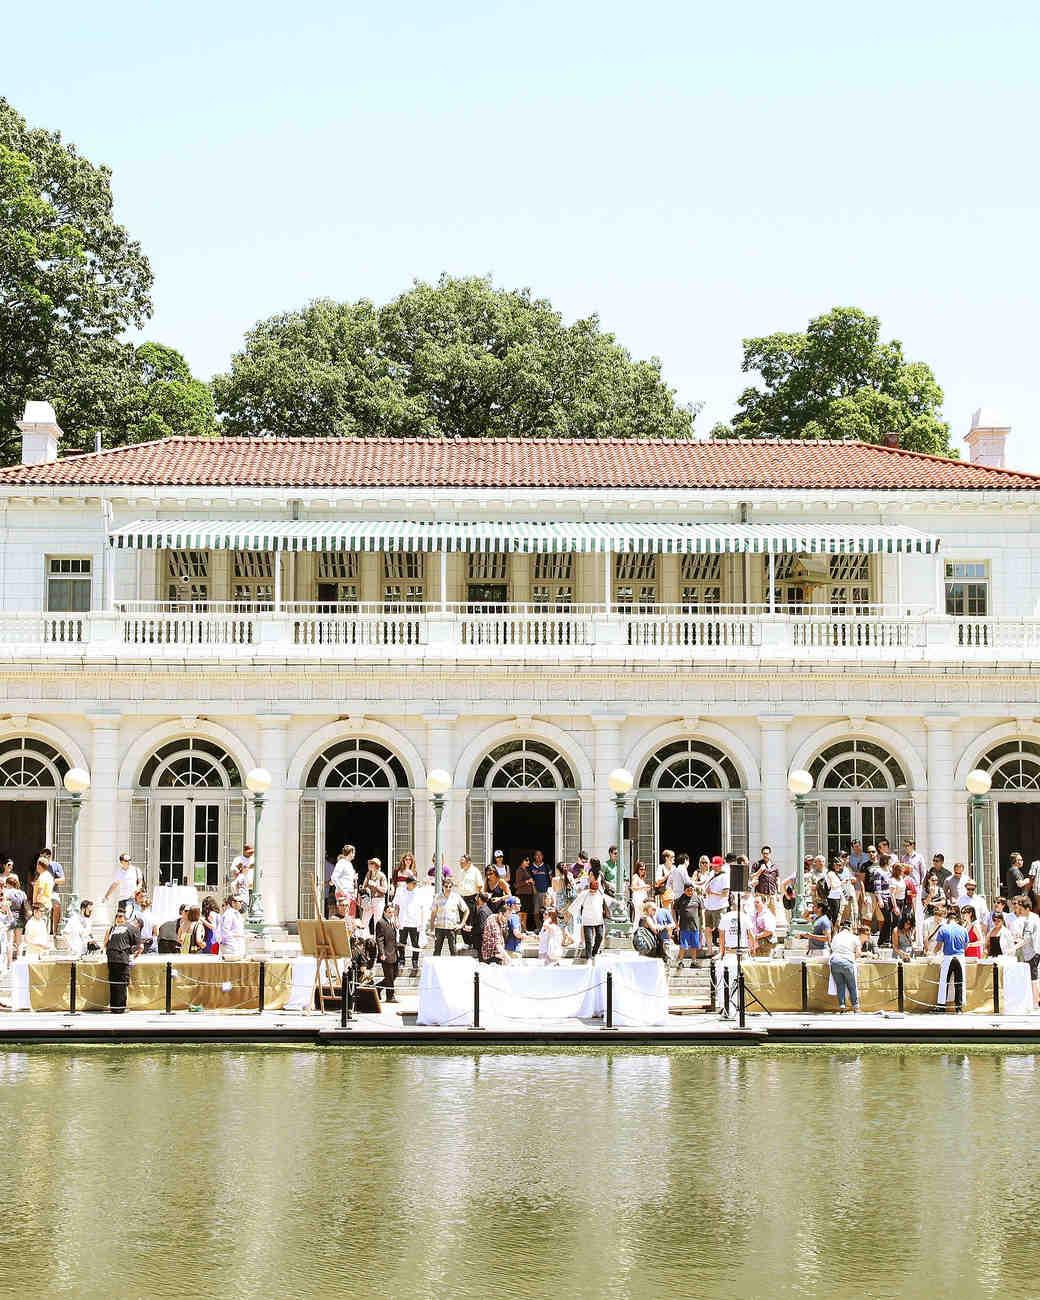 nyc-proposal-spots-prospect-park-boathouse-0316.jpg